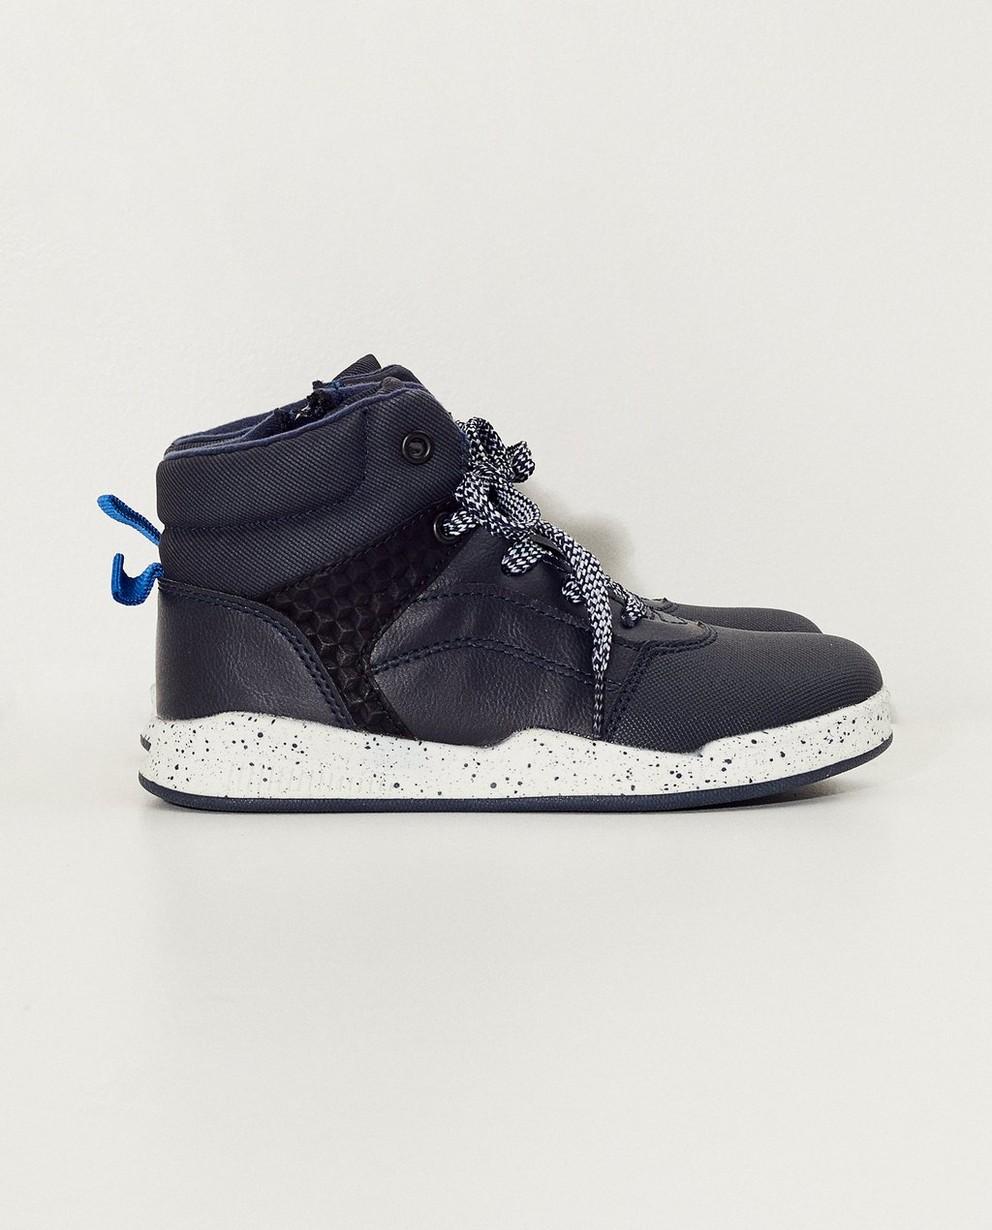 Baskets hautes bleues, 33-38 - bleues et blanches - Sprox